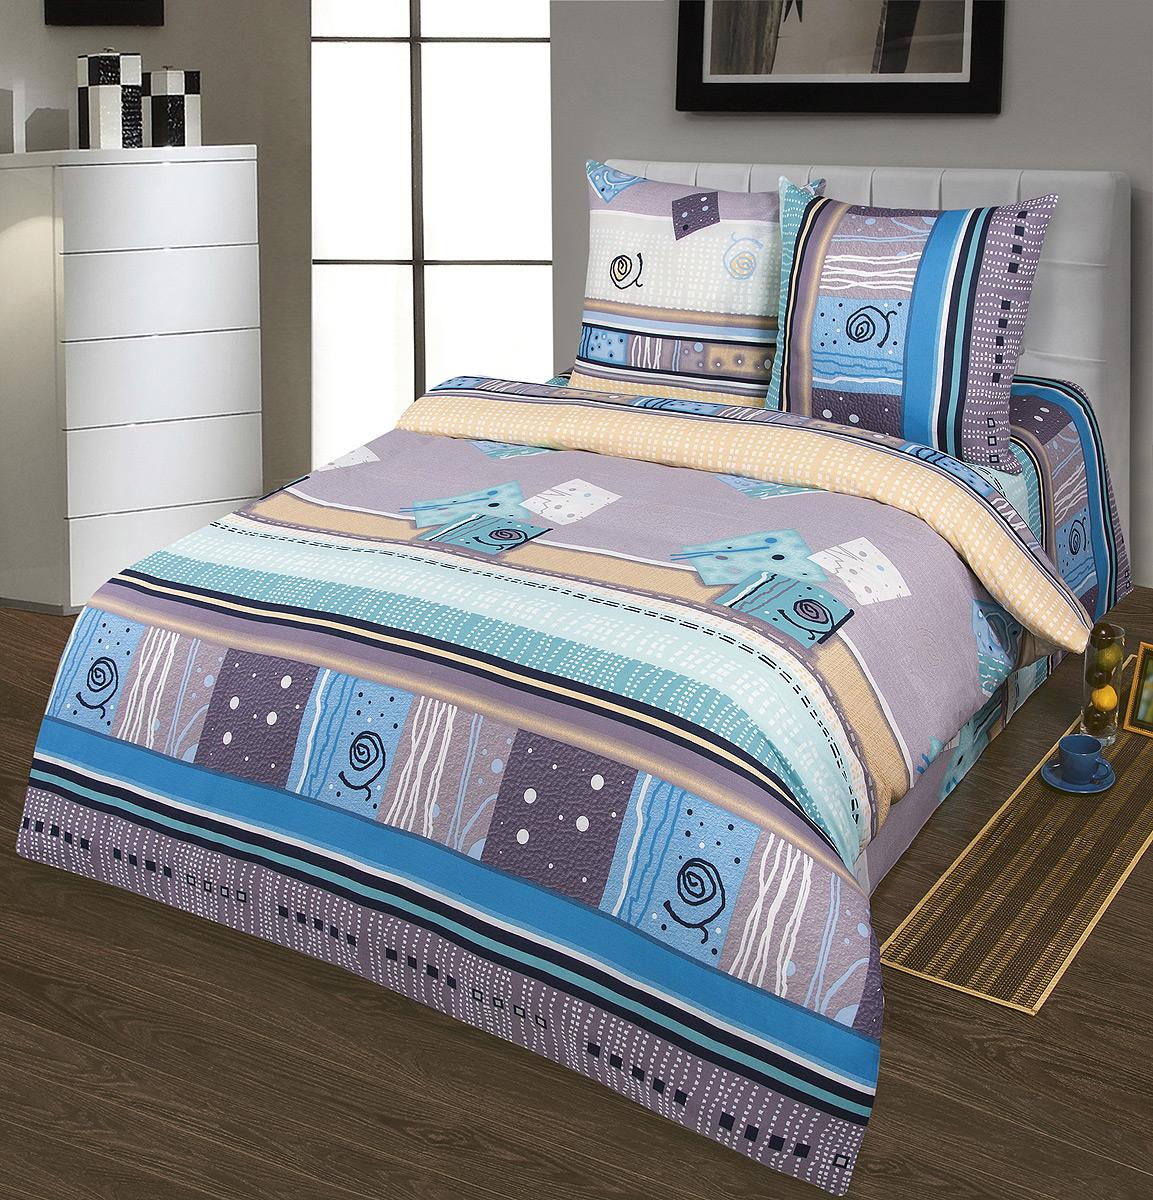 Комплект белья Шоколад Мираж, 1,5-спальный, наволочки 70x70. Б100Б100Комплект постельного белья Шоколад Мираж является экологически безопасным для всей семьи, так как выполнен из натурального хлопка. Комплект состоит из пододеяльника, простыни и двух наволочек. Постельное белье оформлено оригинальным рисунком и имеет изысканный внешний вид. Бязь - это ткань полотняного переплетения, изготовленная из экологически чистого и натурального 100% хлопка. Она прочная, мягкая, обладает низкой сминаемостью, легко стирается и хорошо гладится. Бязь прекрасно пропускает воздух и за ней легко ухаживать. При соблюдении рекомендуемых условий стирки, сушки и глажения ткань имеет усадку по ГОСТу, сохранятся яркость текстильных рисунков. Приобретая комплект постельного белья Шоколад Мираж, вы можете быть уверены в том, что покупка доставит вам и вашим близким удовольствие и подарит максимальный комфорт.